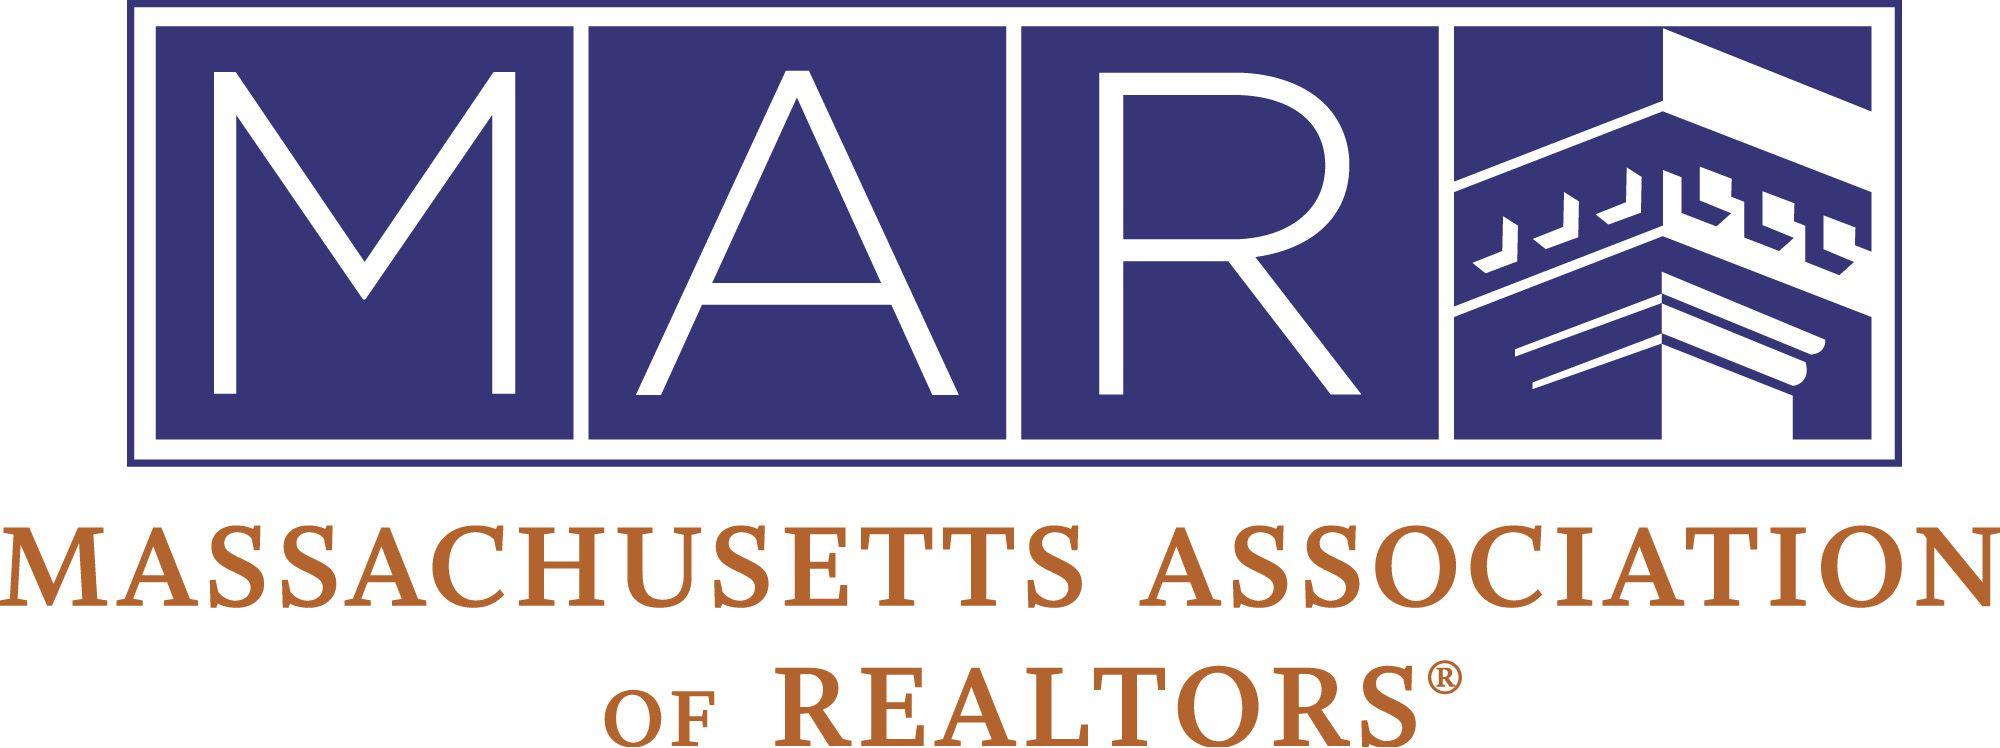 Massachusetts Real Estate, MAR, Massachusetts Association of Realtors, Massachusetts Homes, Boston Homes, Boston Real Estate